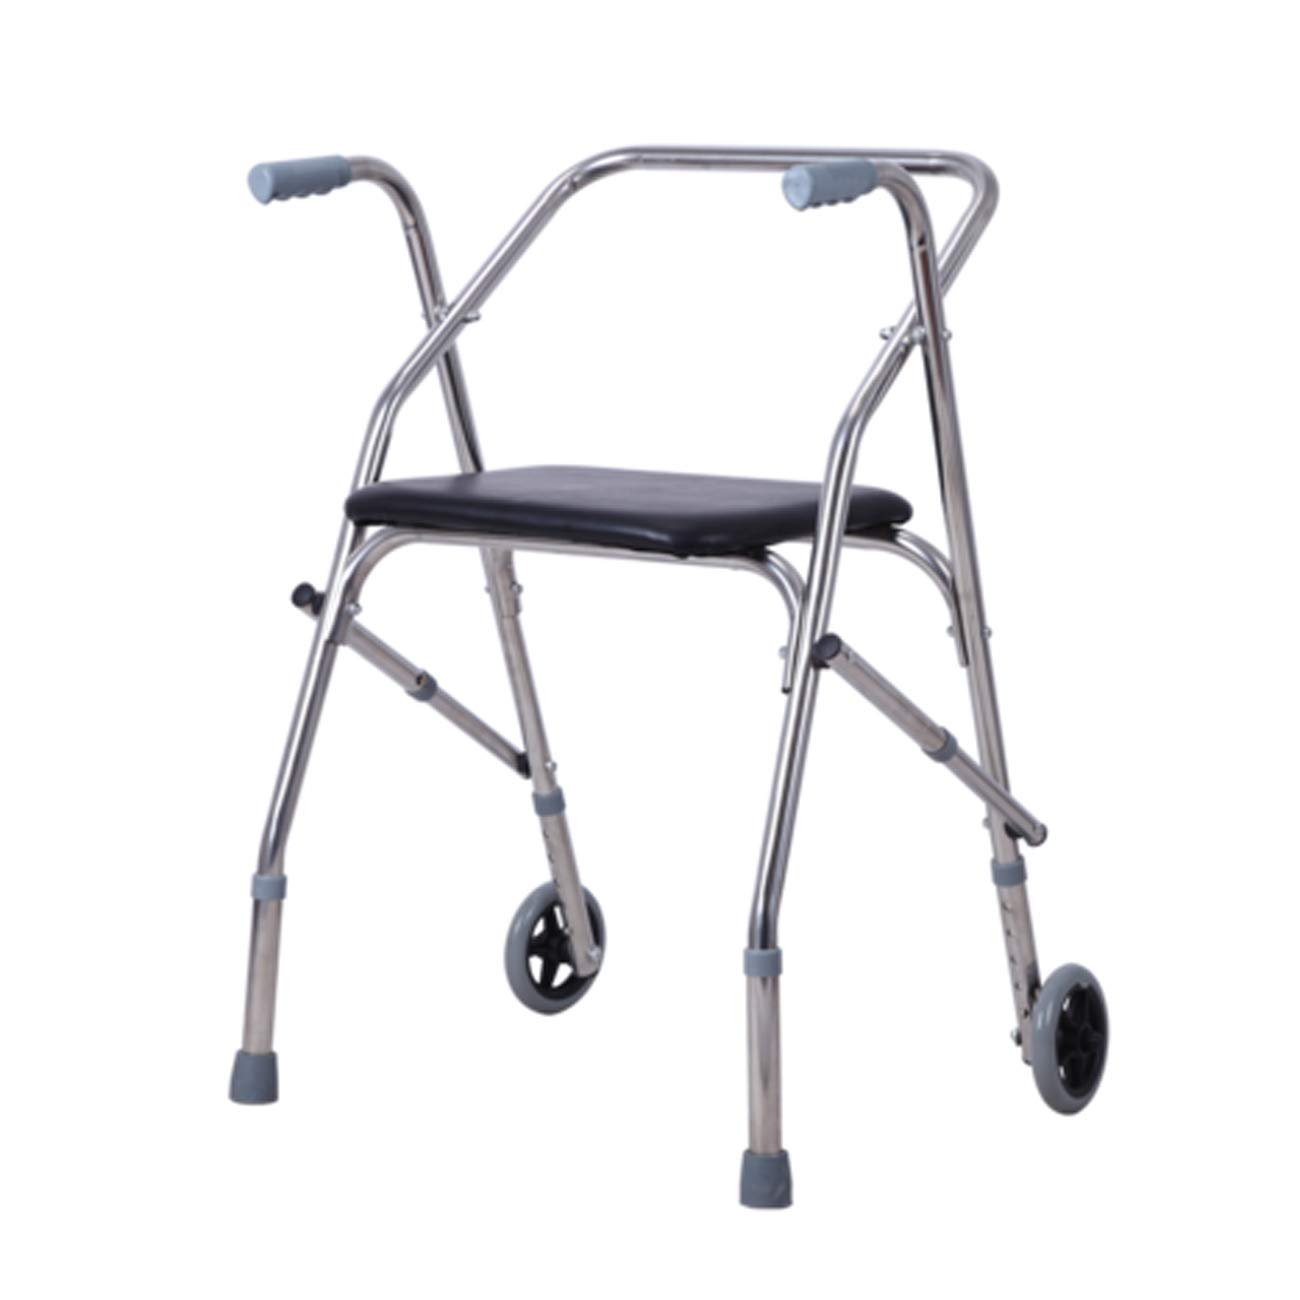 【ギフト】 高齢者の歩行器、ステンレススチールの構造、キャスター折り畳み式歩行器を備えたシートクッション、高齢者が歩行器を使用不可にした、多色オプション しるば゜) (色 : (色 しるば゜ シルバー しるば゜) シルバー しるば゜ B07L5MFHWQ, セレスティ:3dd9ef86 --- a0267596.xsph.ru